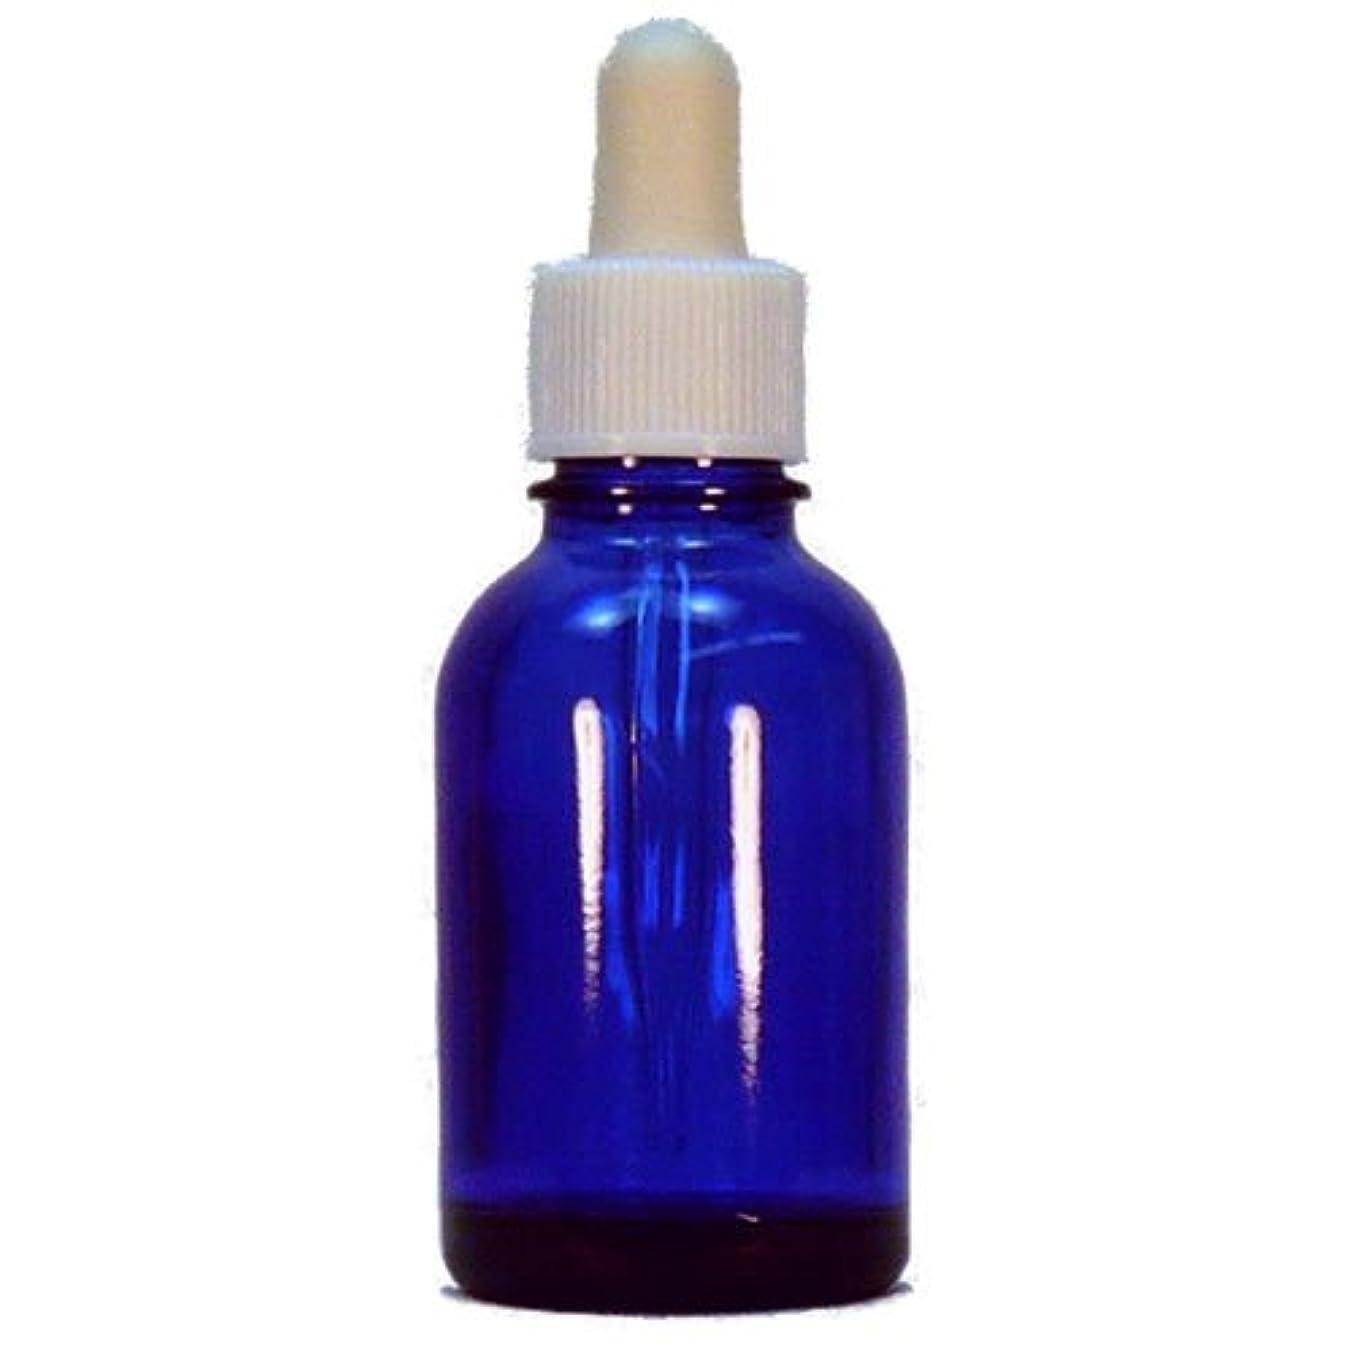 相談する一節不調和ミキシングボトル ブルー 30ml